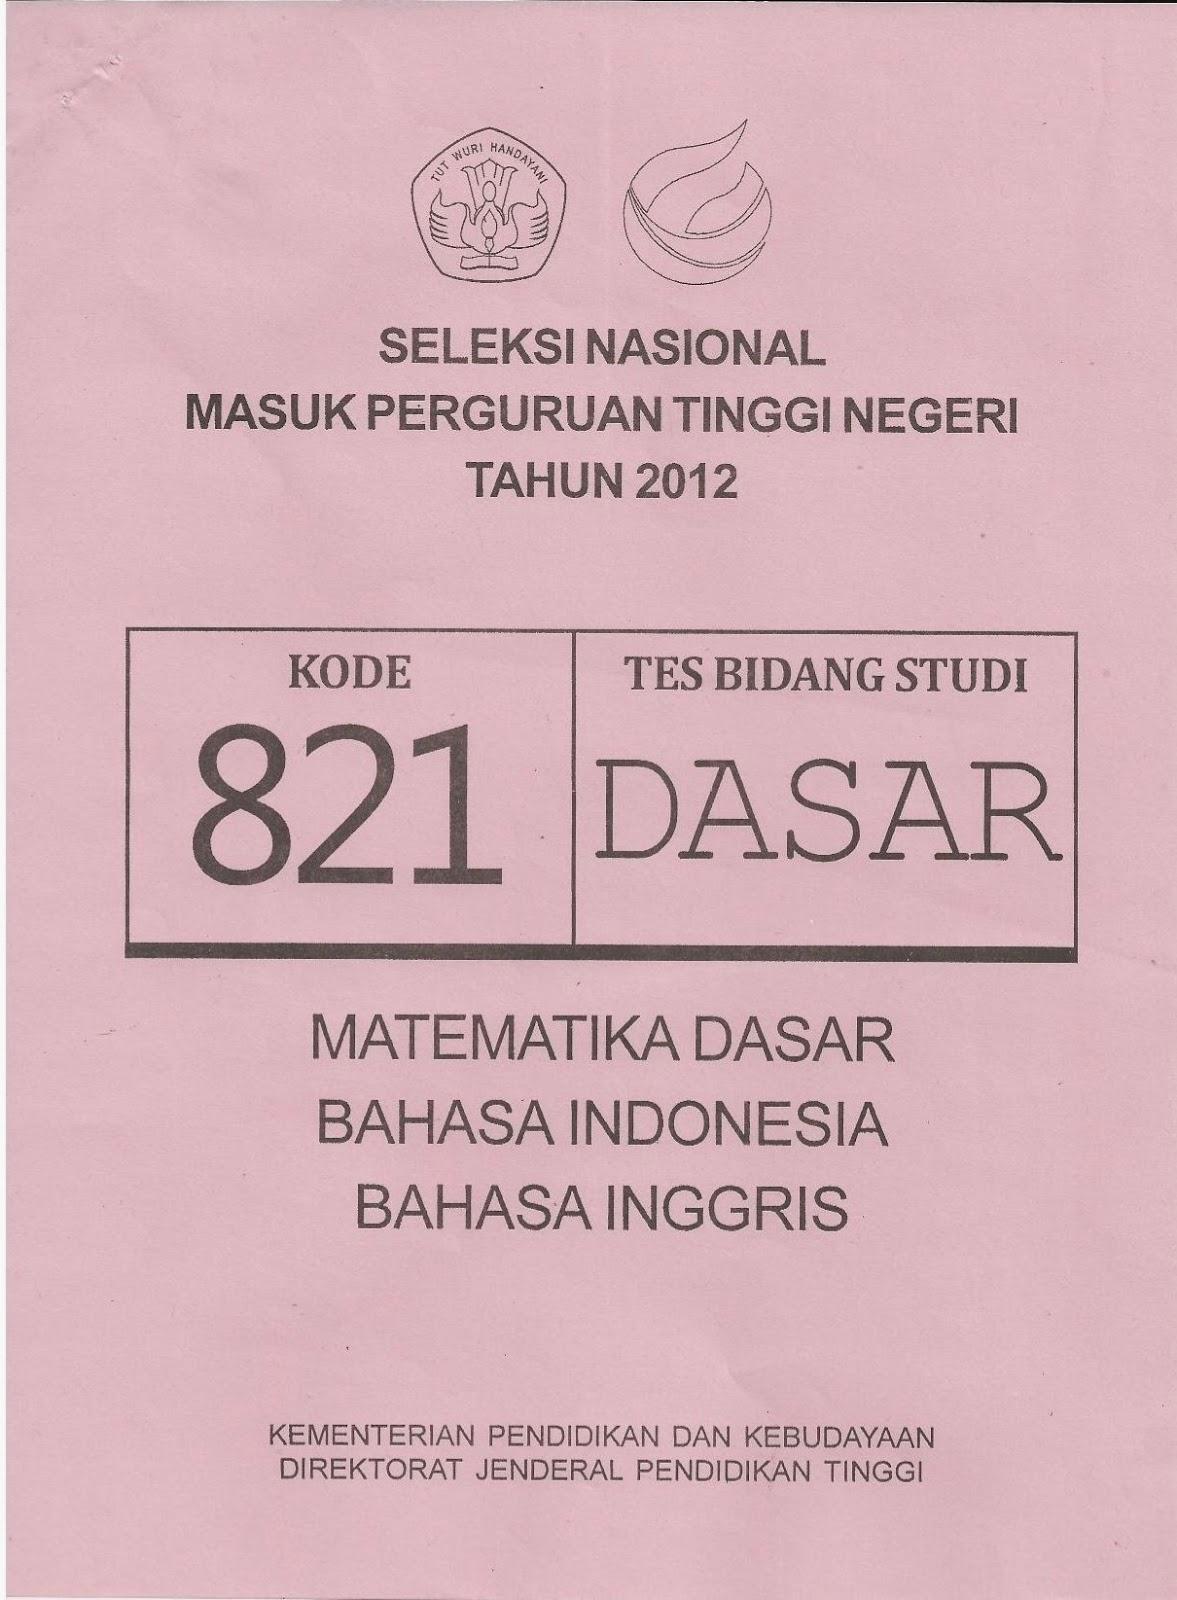 Infogtk Naskah Soal Snmptn 2012 Tes Bidang Studi Dasar Kode Soal 821